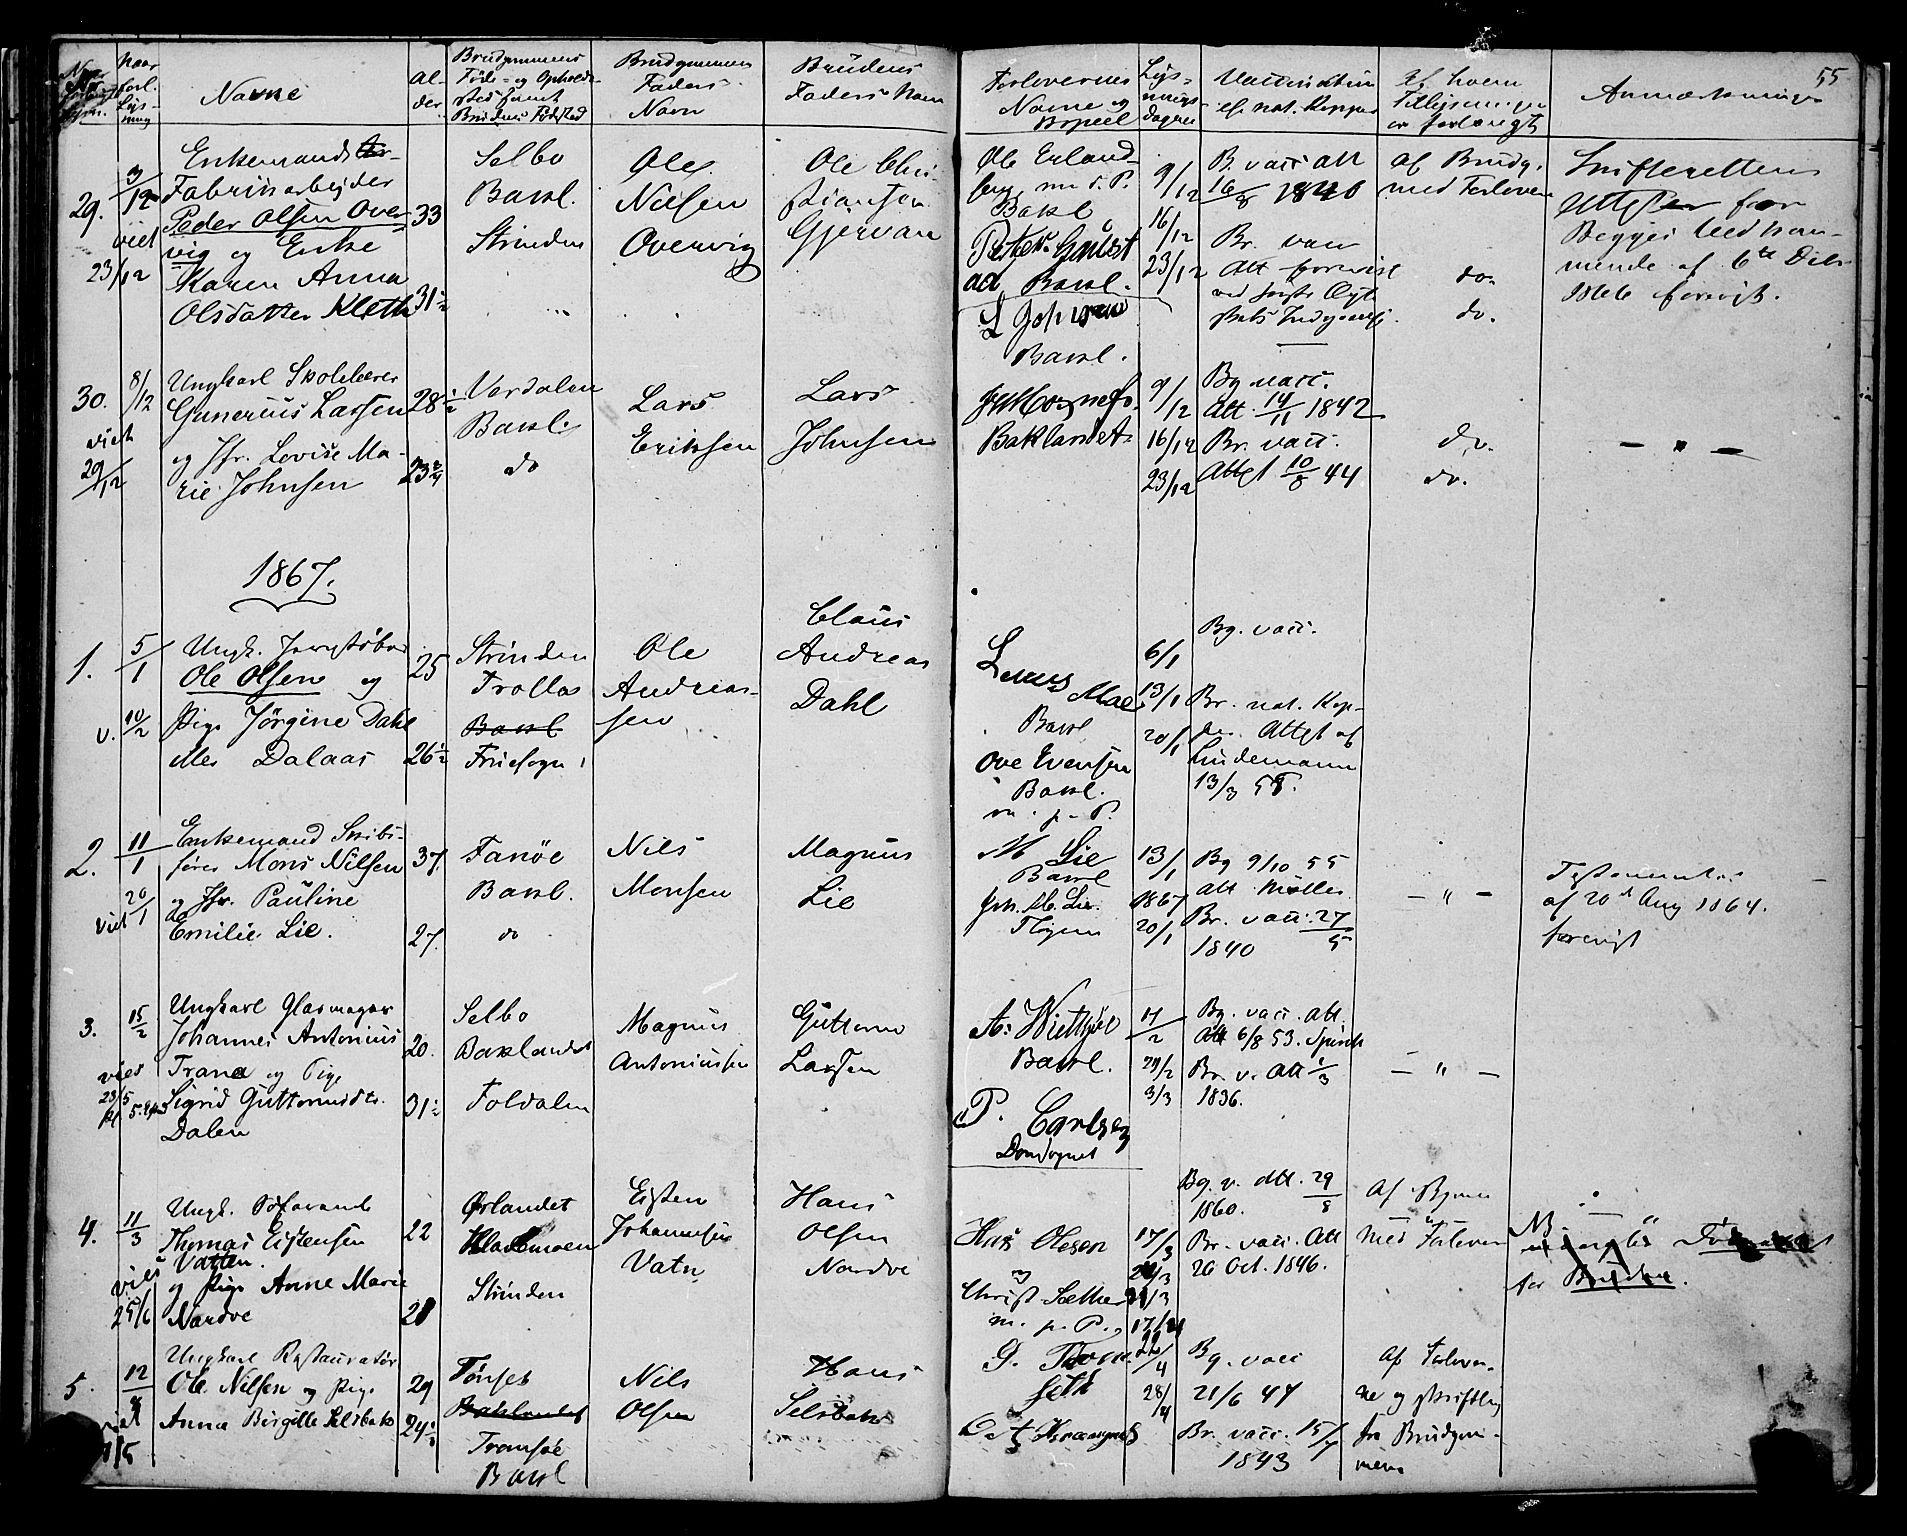 SAT, Ministerialprotokoller, klokkerbøker og fødselsregistre - Sør-Trøndelag, 604/L0187: Ministerialbok nr. 604A08, 1847-1878, s. 55